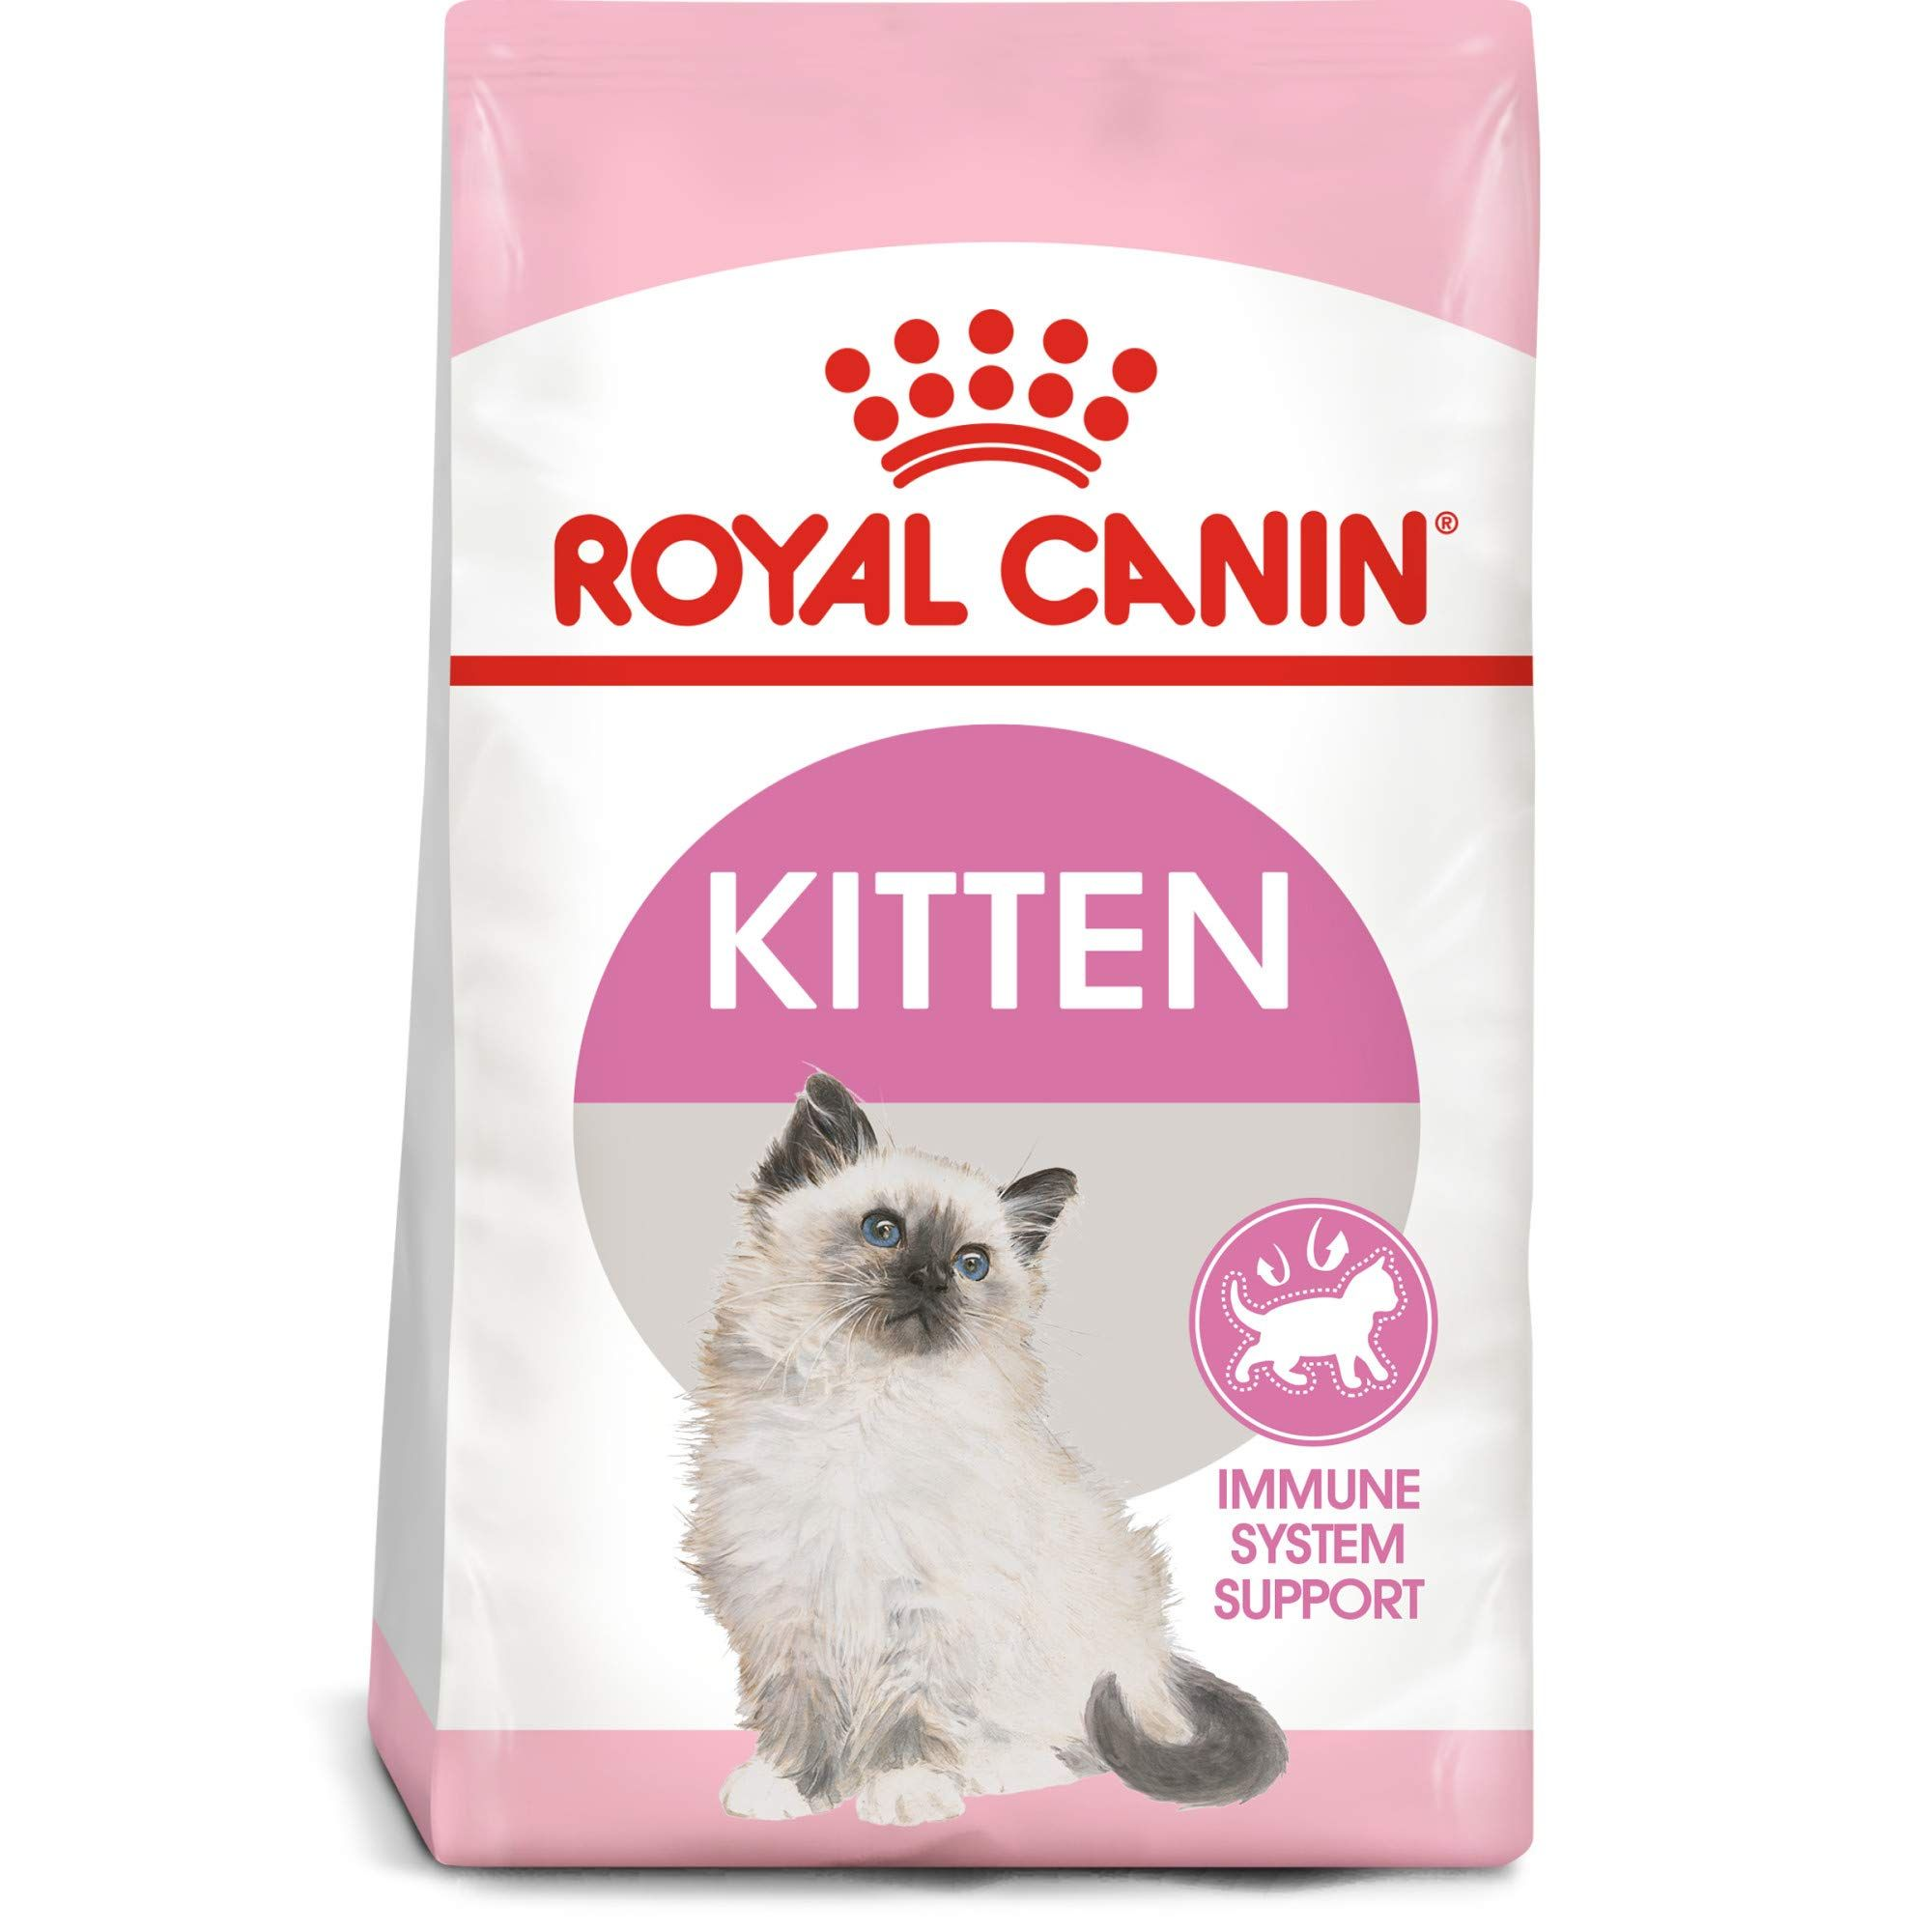 Cute Cats In 2020 Kitten Food Feline Health Royal Canin